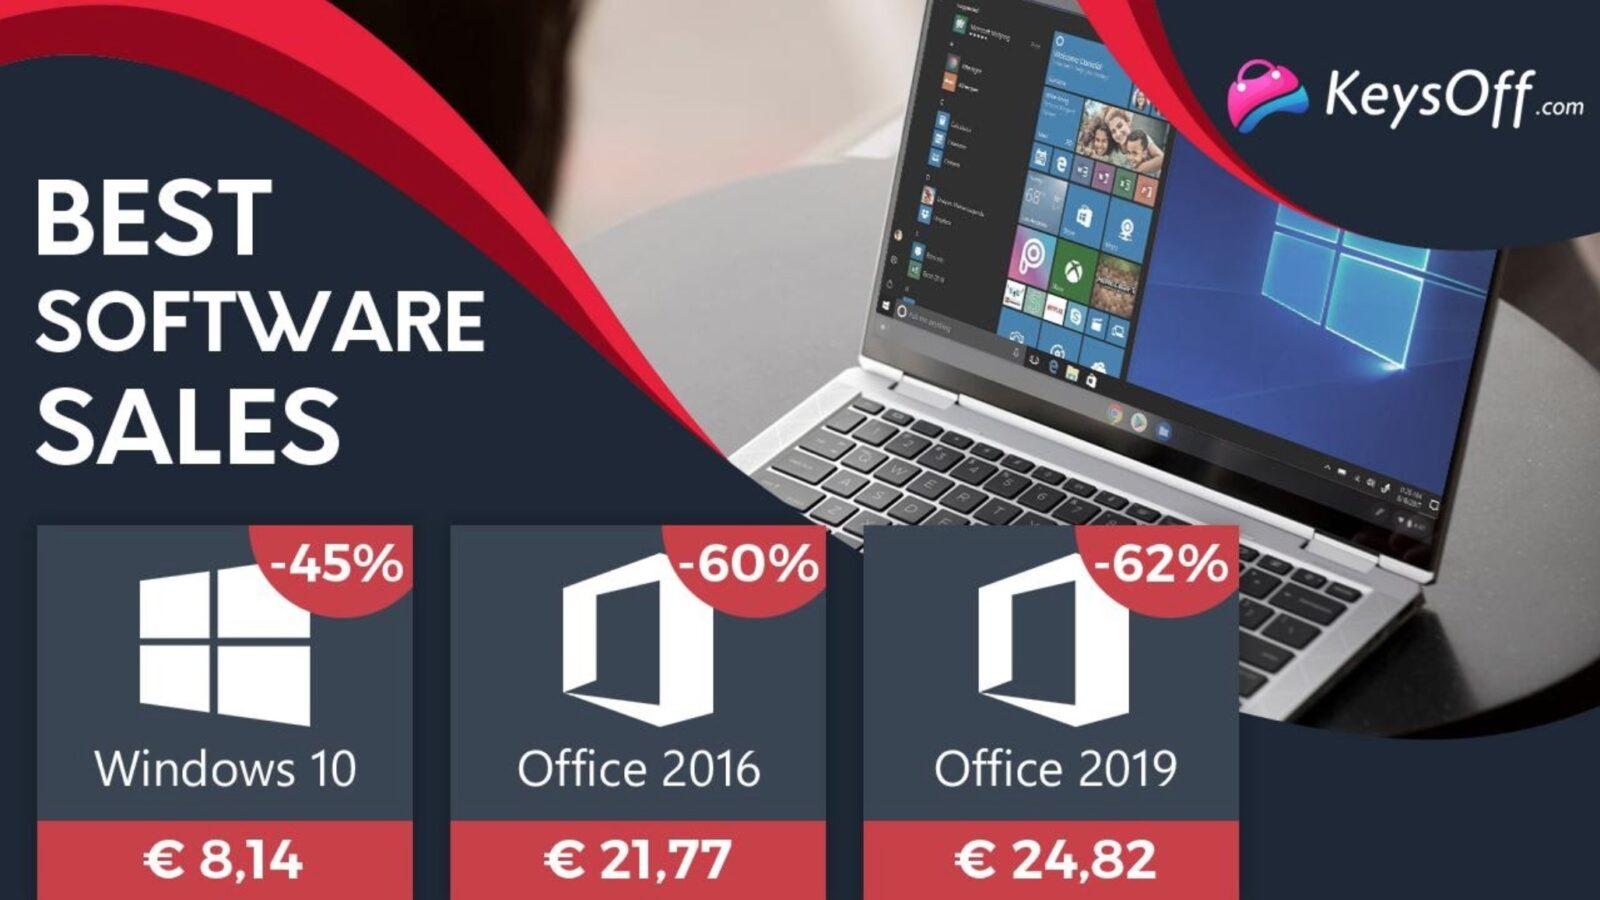 Microsoft Windows 10 PRO a soli € 8,14, Microsoft Office a soli € 21,77: ecco le offerte anche per Mac